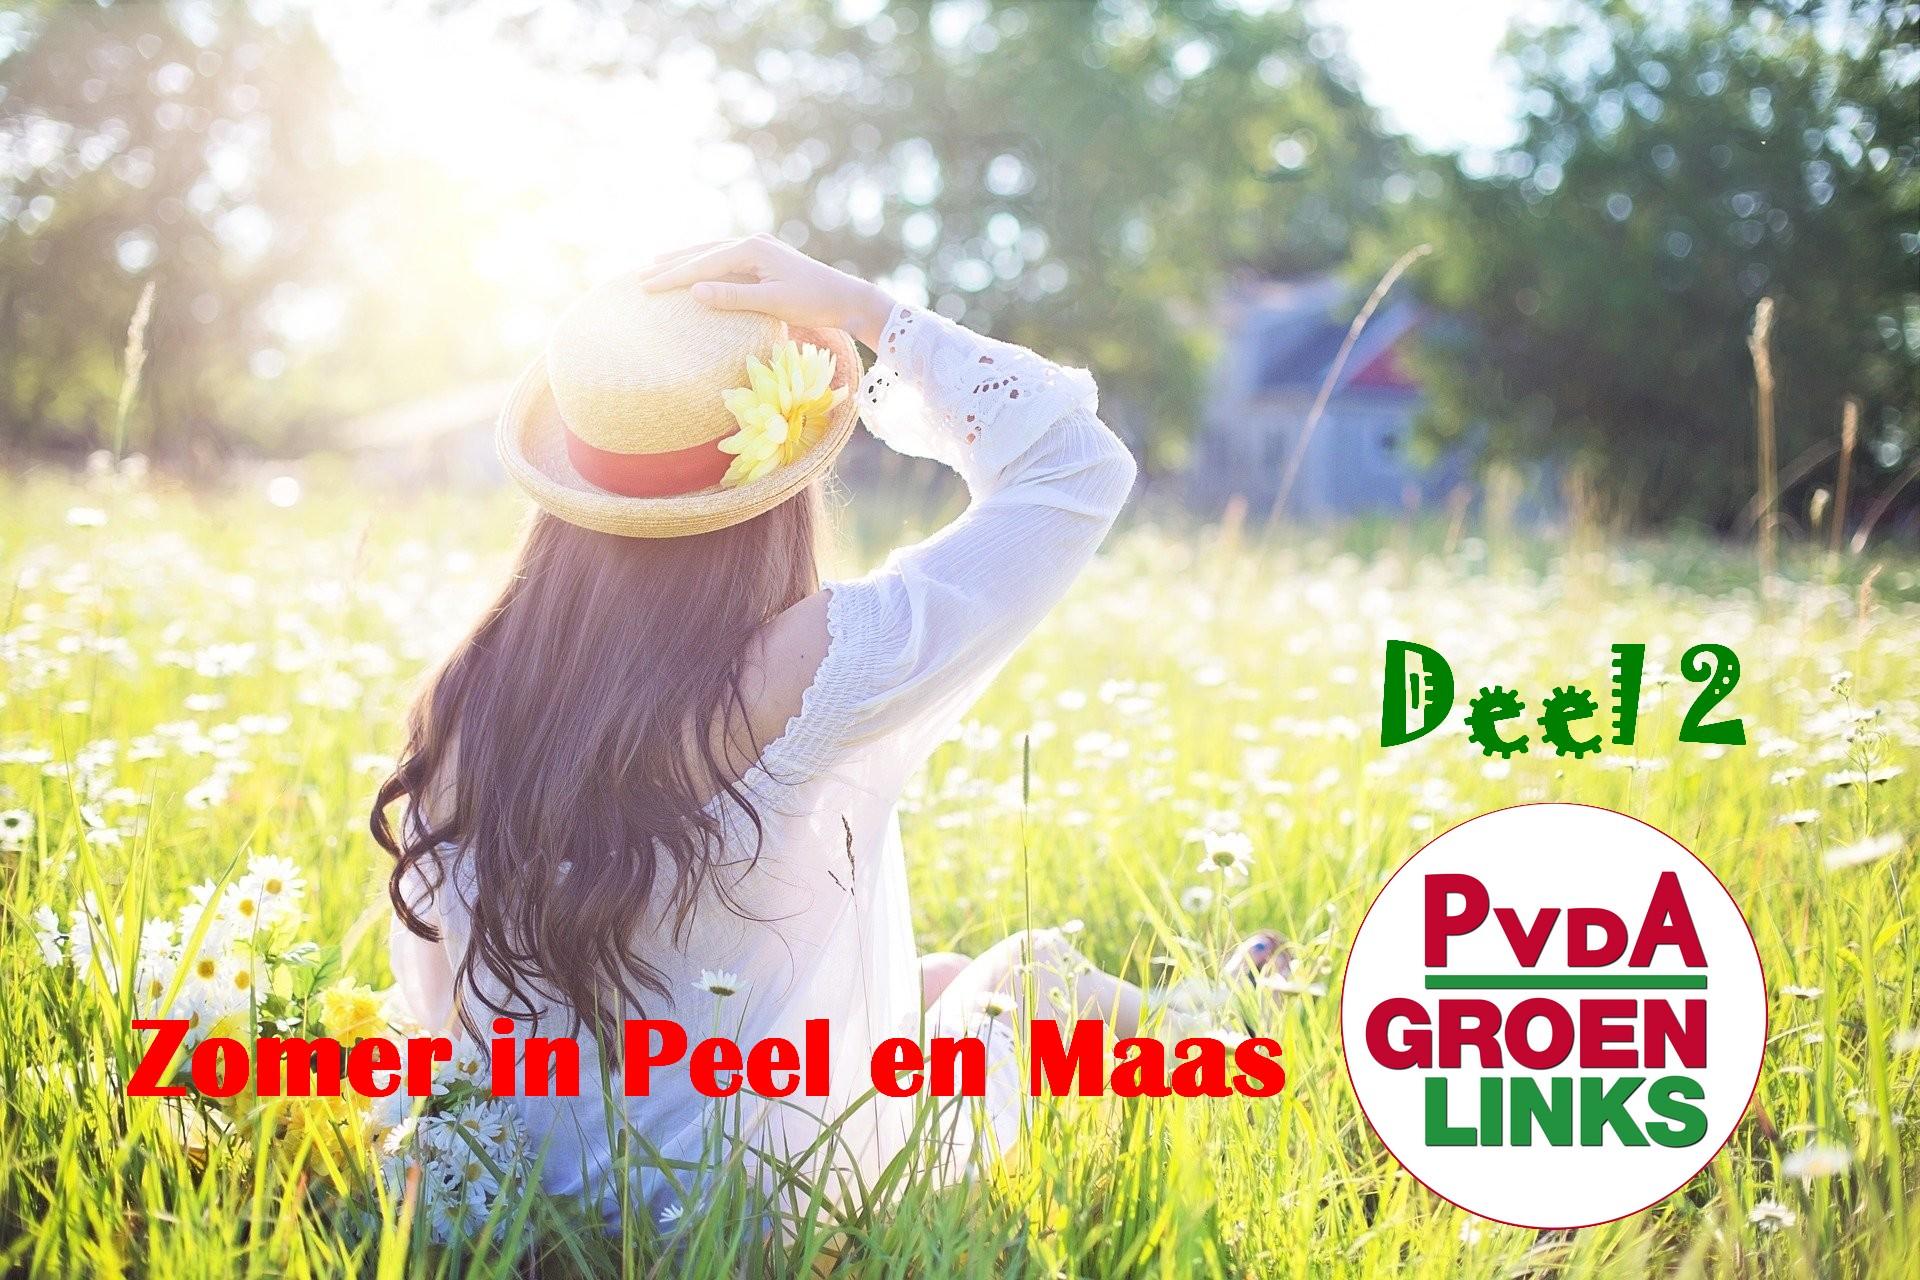 https://pvdagroenlinks.nl/zomer-in-peel-en-maas-deel-2-2/